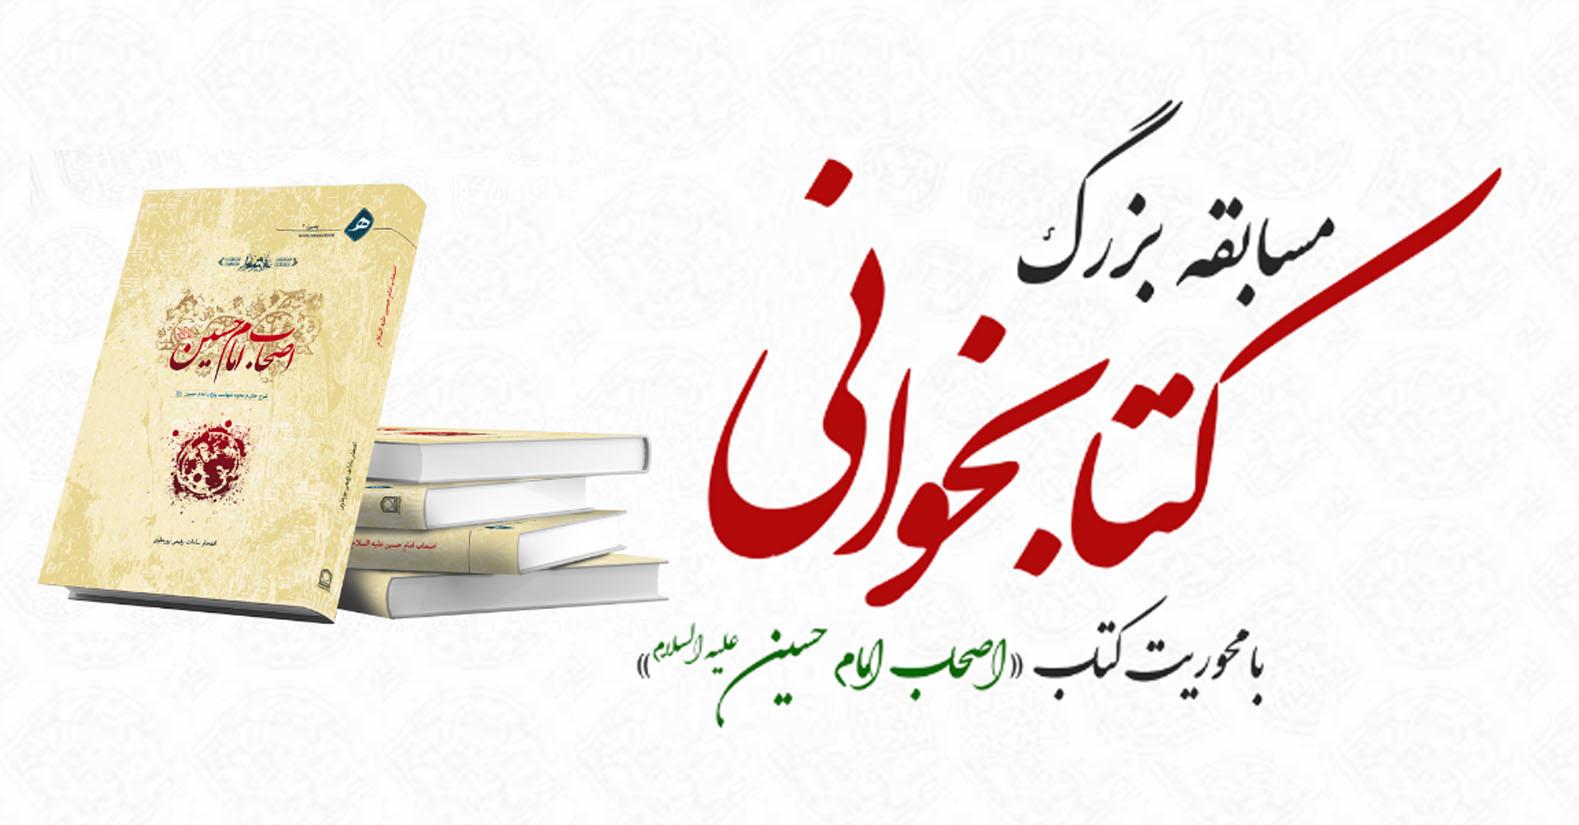 مسابقه کتابخوانی – اربعین 1397 - موسسه امام هادی